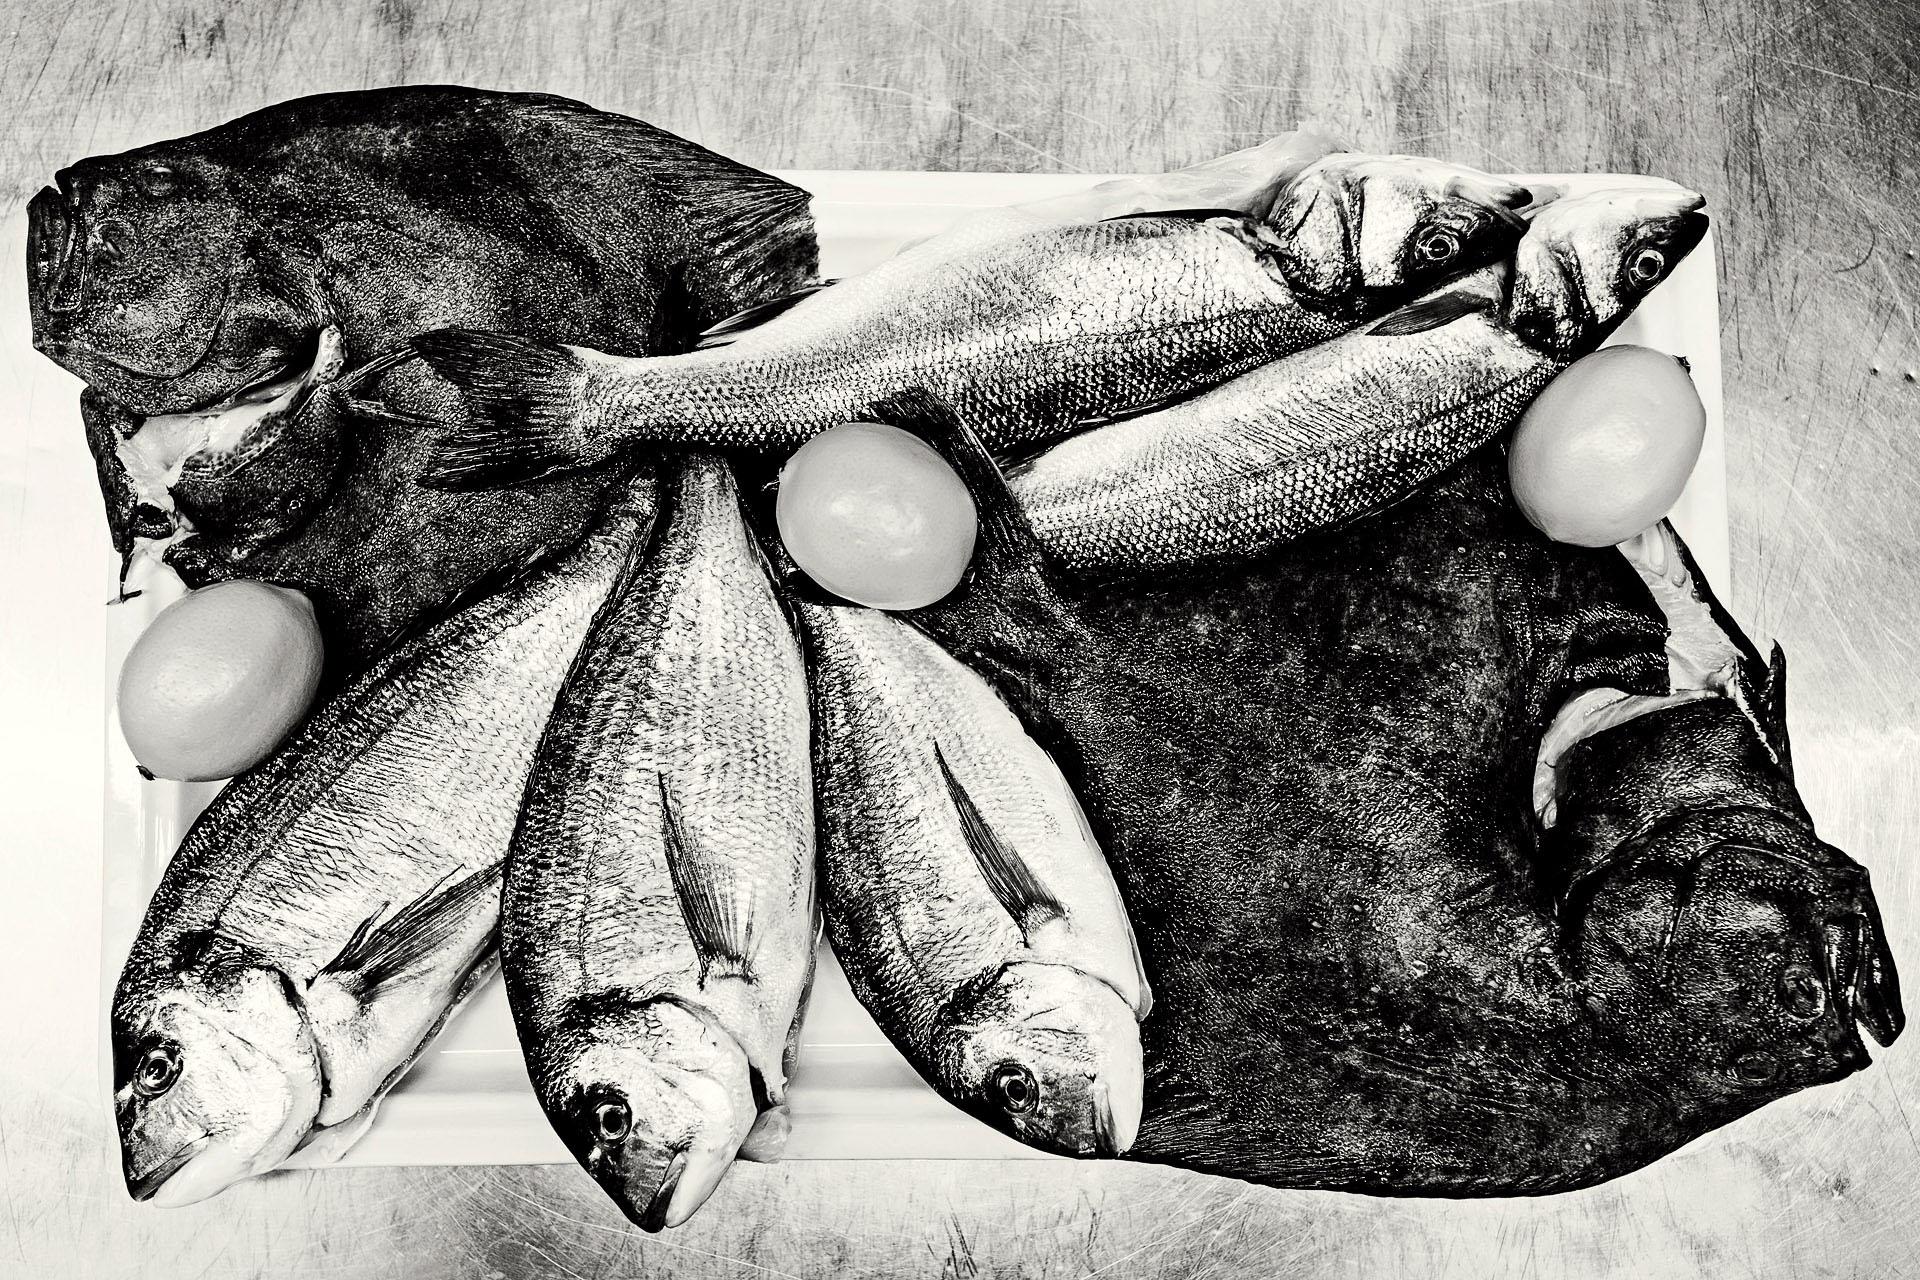 Focení jídla ryby na stole-Grandezza restaurant